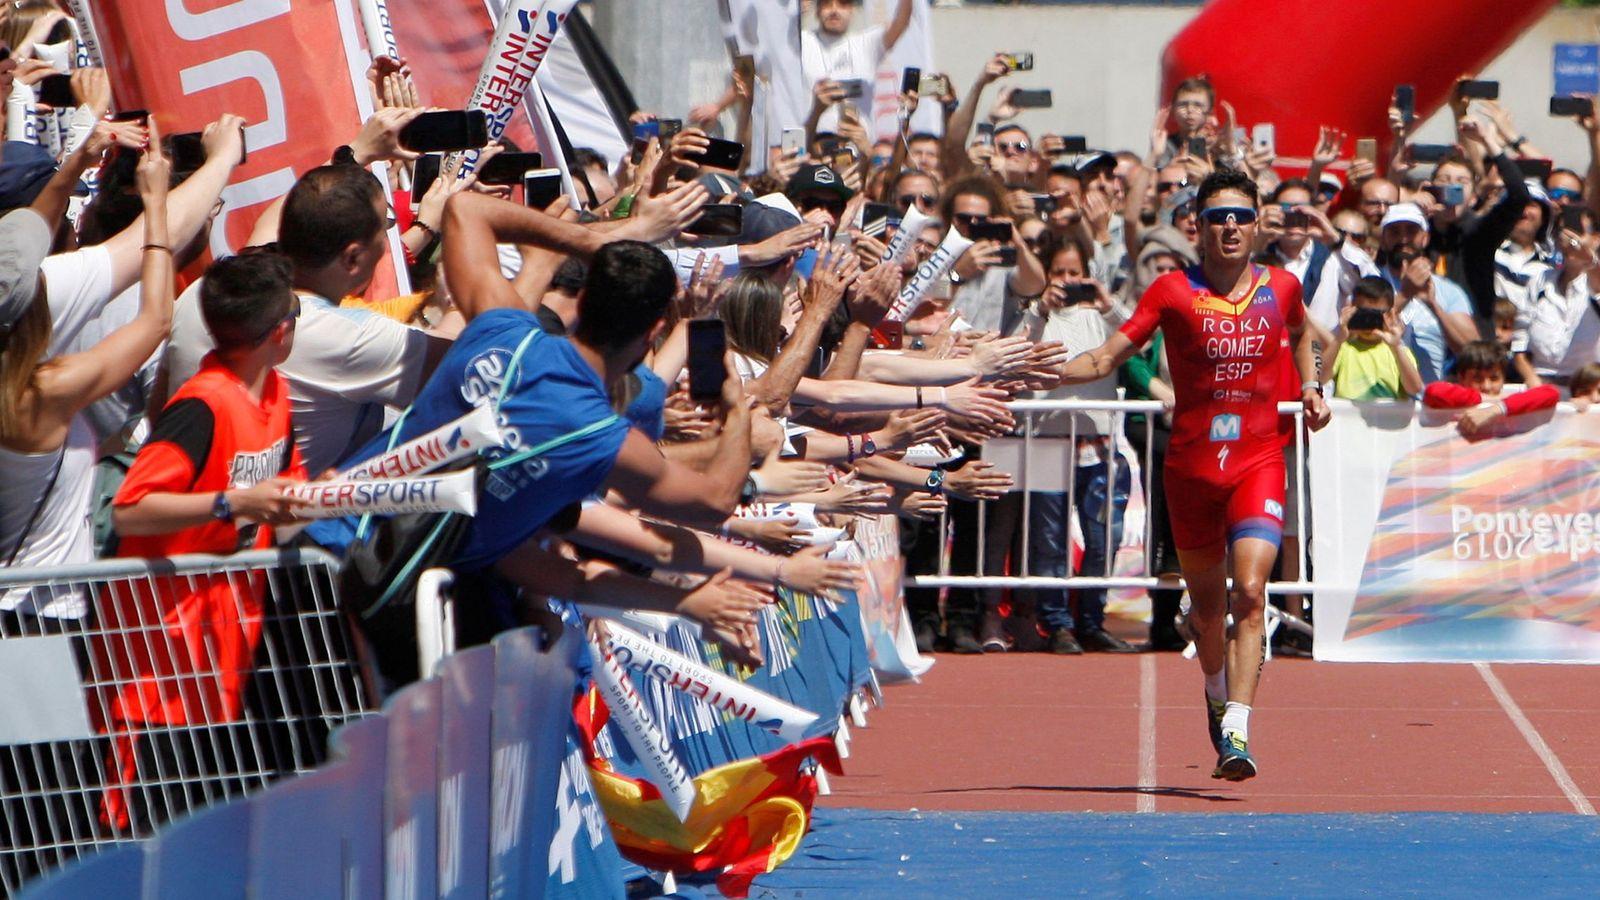 Foto: Gómez Noya choca las manos de los aficioandos en el Mundial de Larga Distancia celebrado en Pontevedra. (EFE)